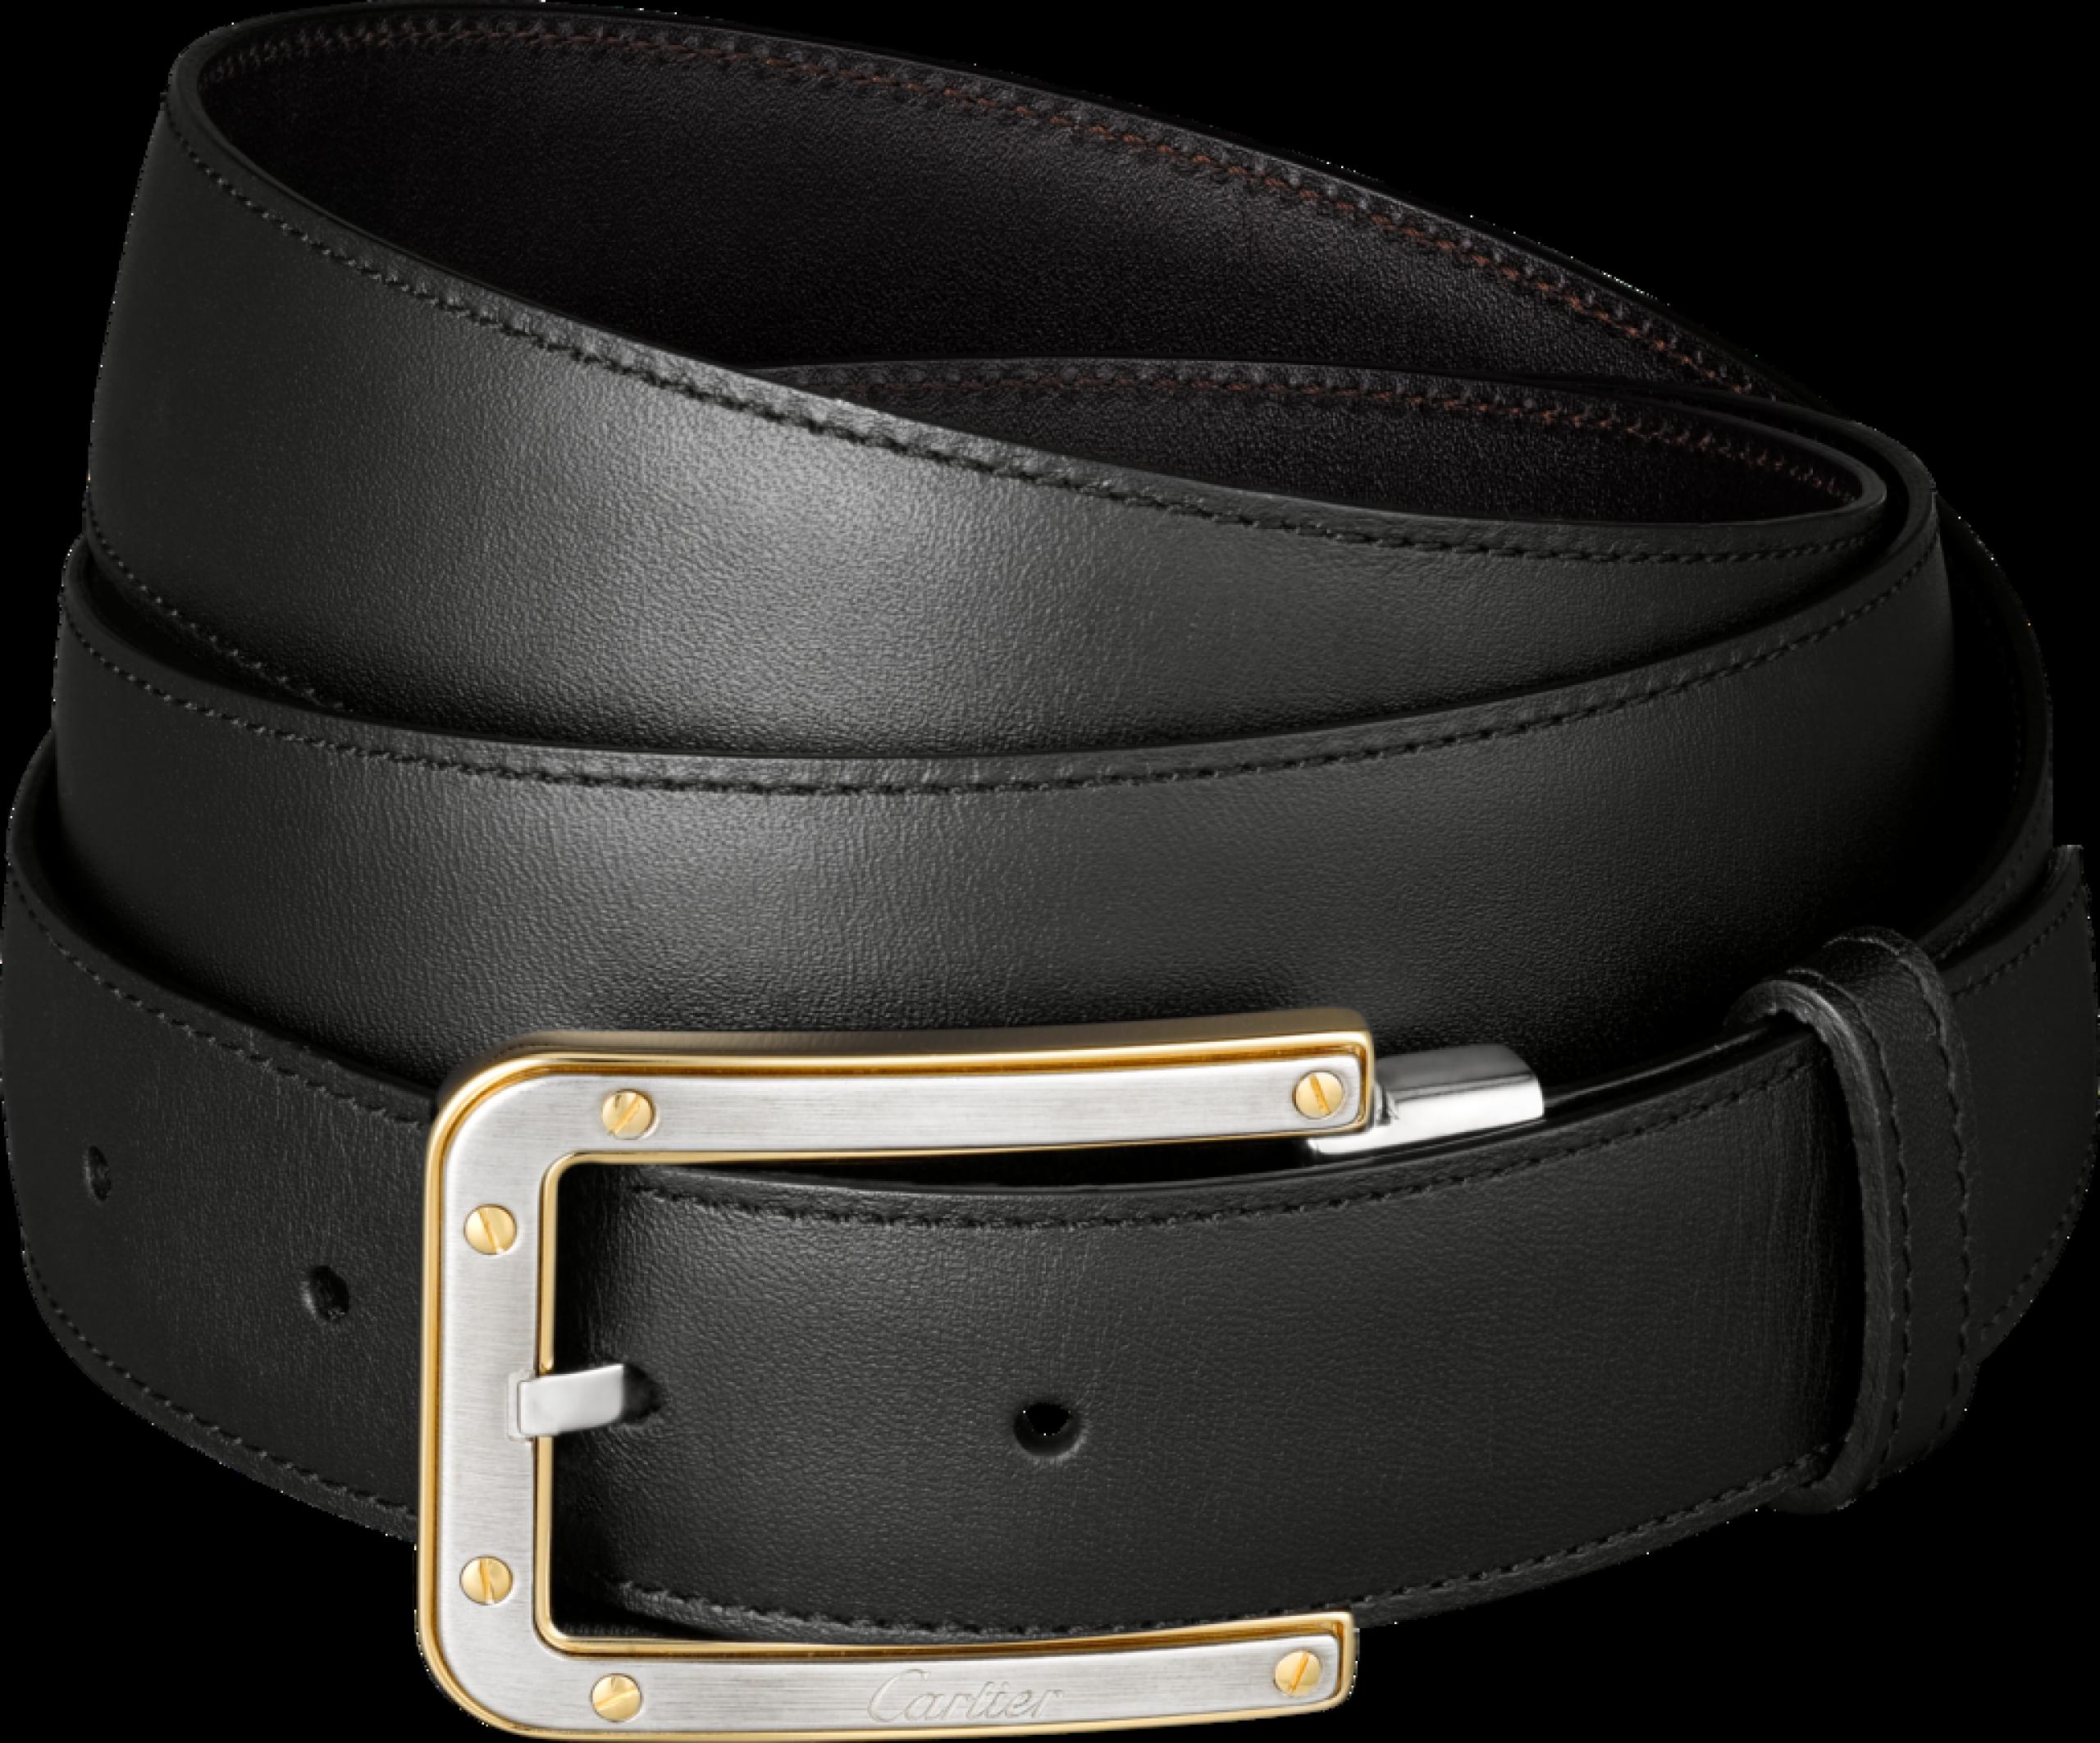 Slim Black Belt With Golden Buckles Png Image Belt Black Belt Black